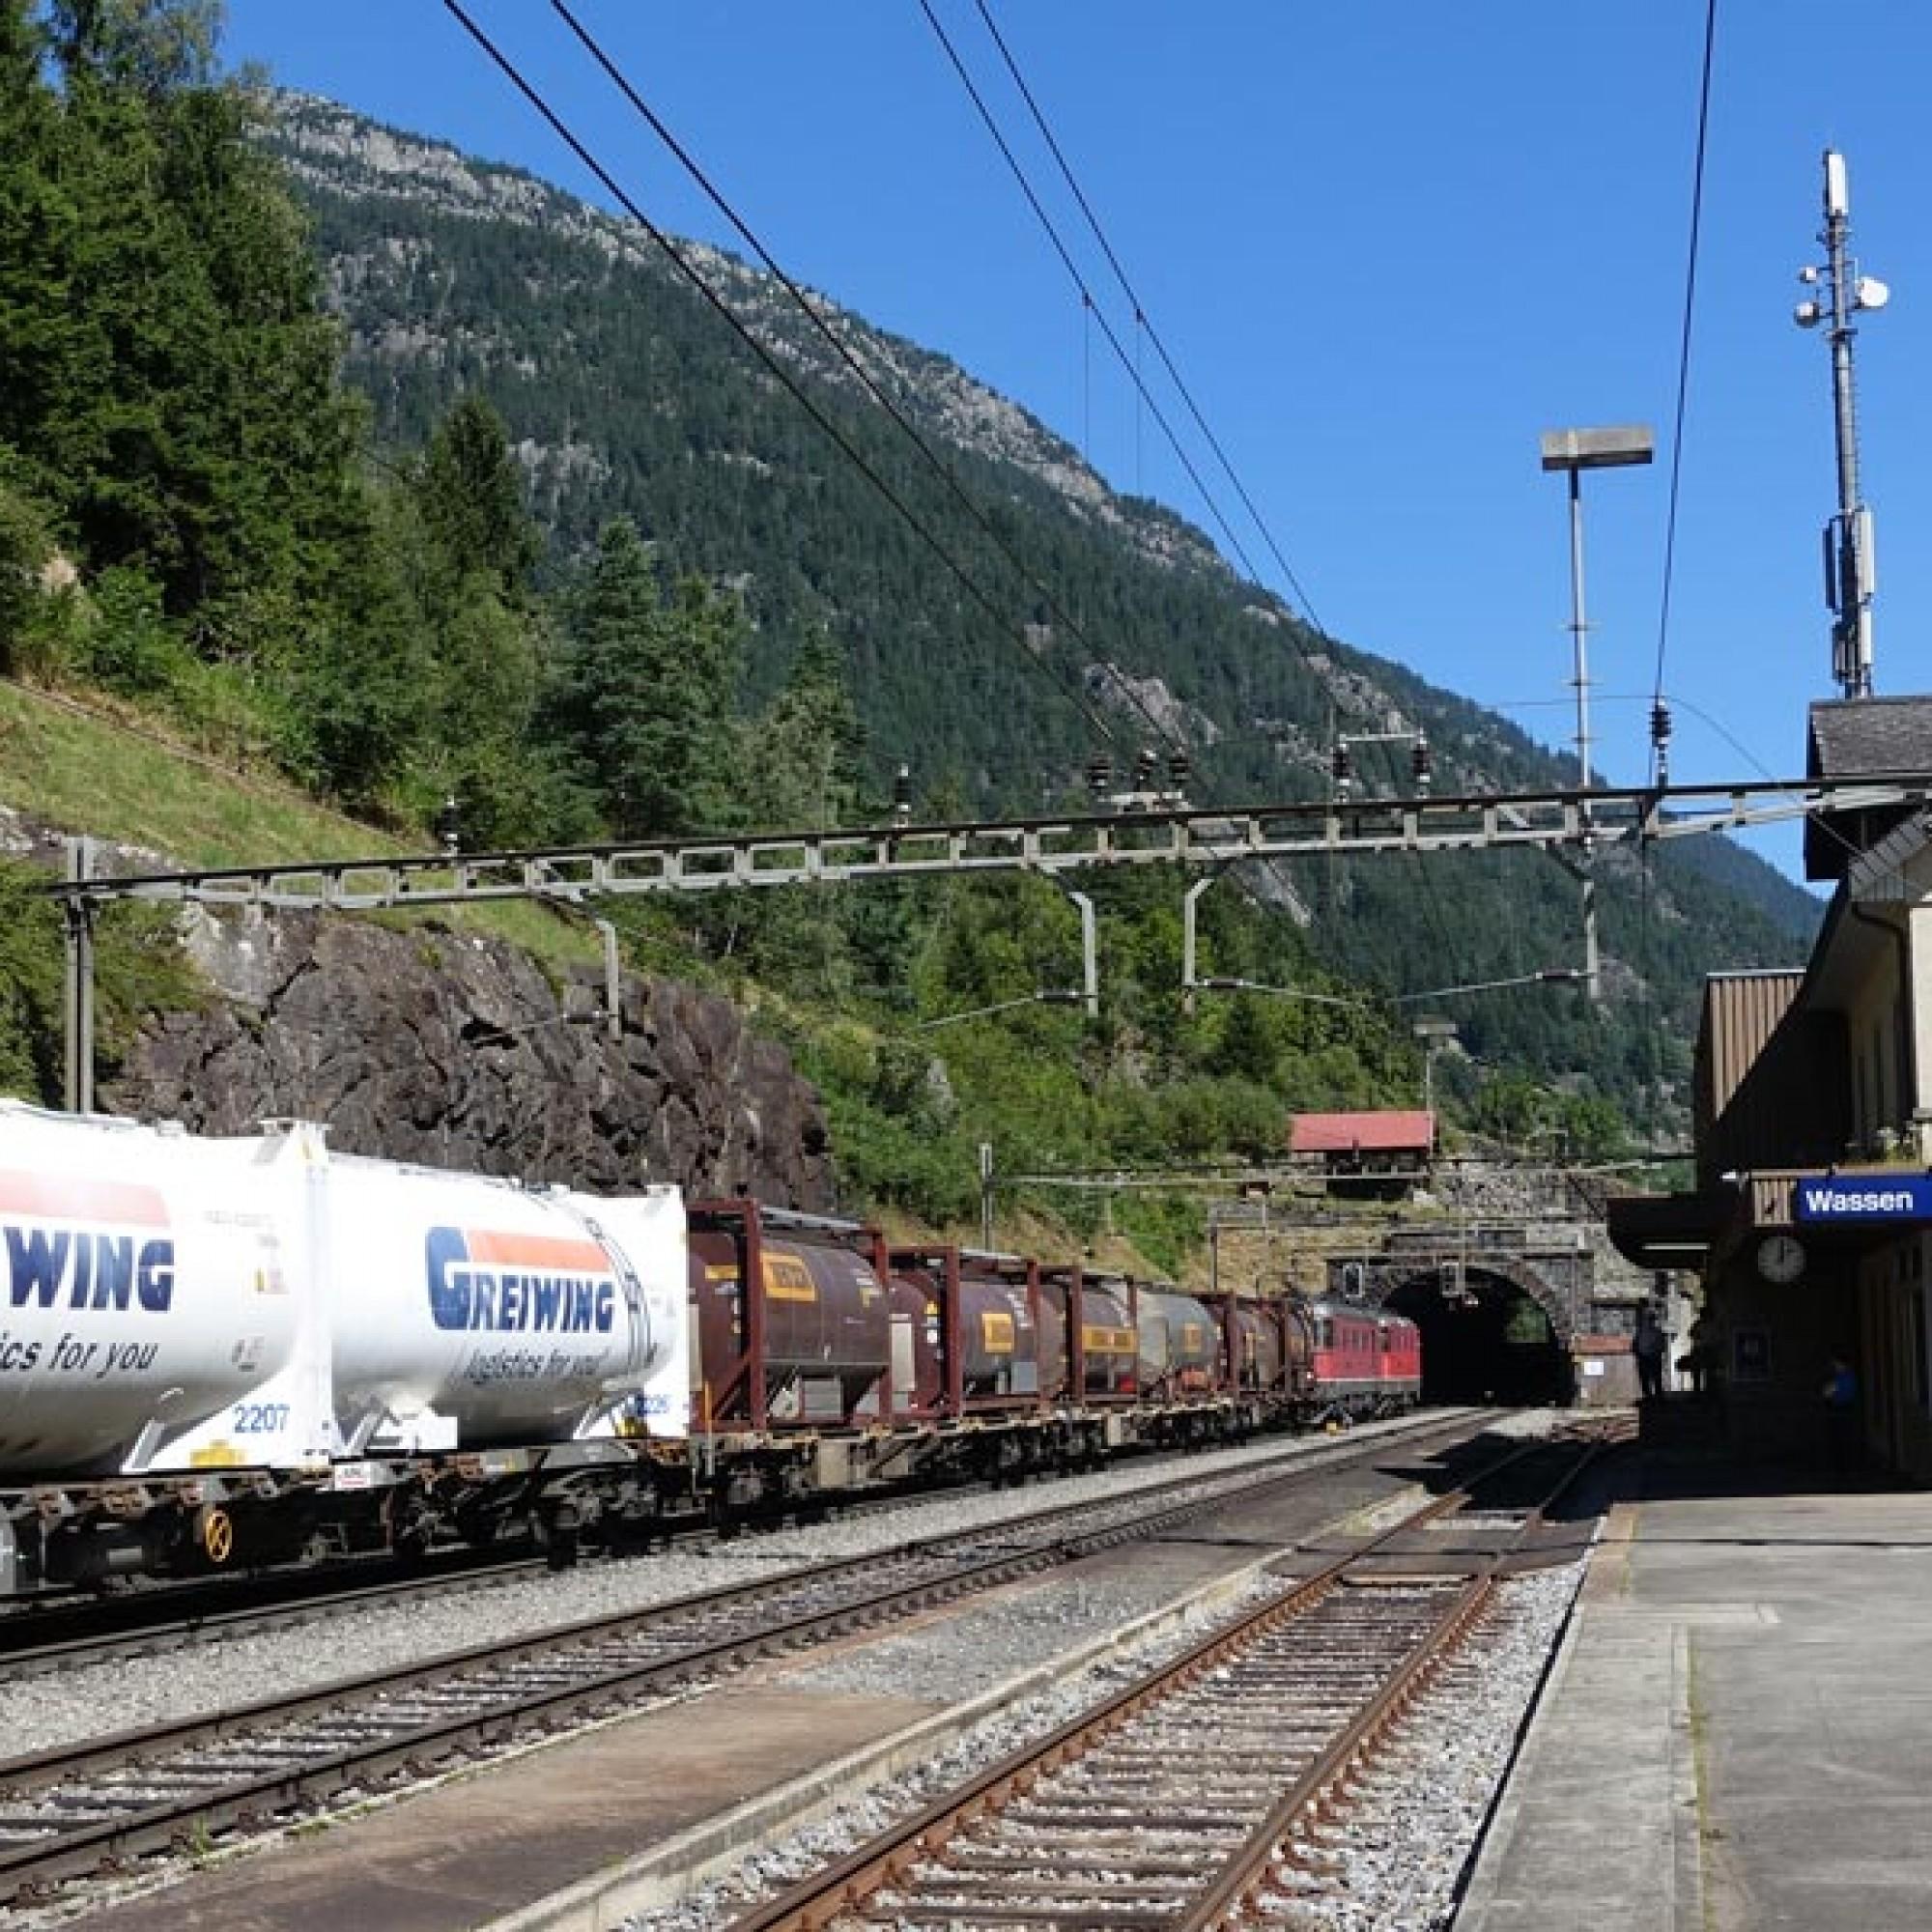 Der Bahnhof von Wassen wird nicht mehr bedient. Kein Zug hält hier mehr.